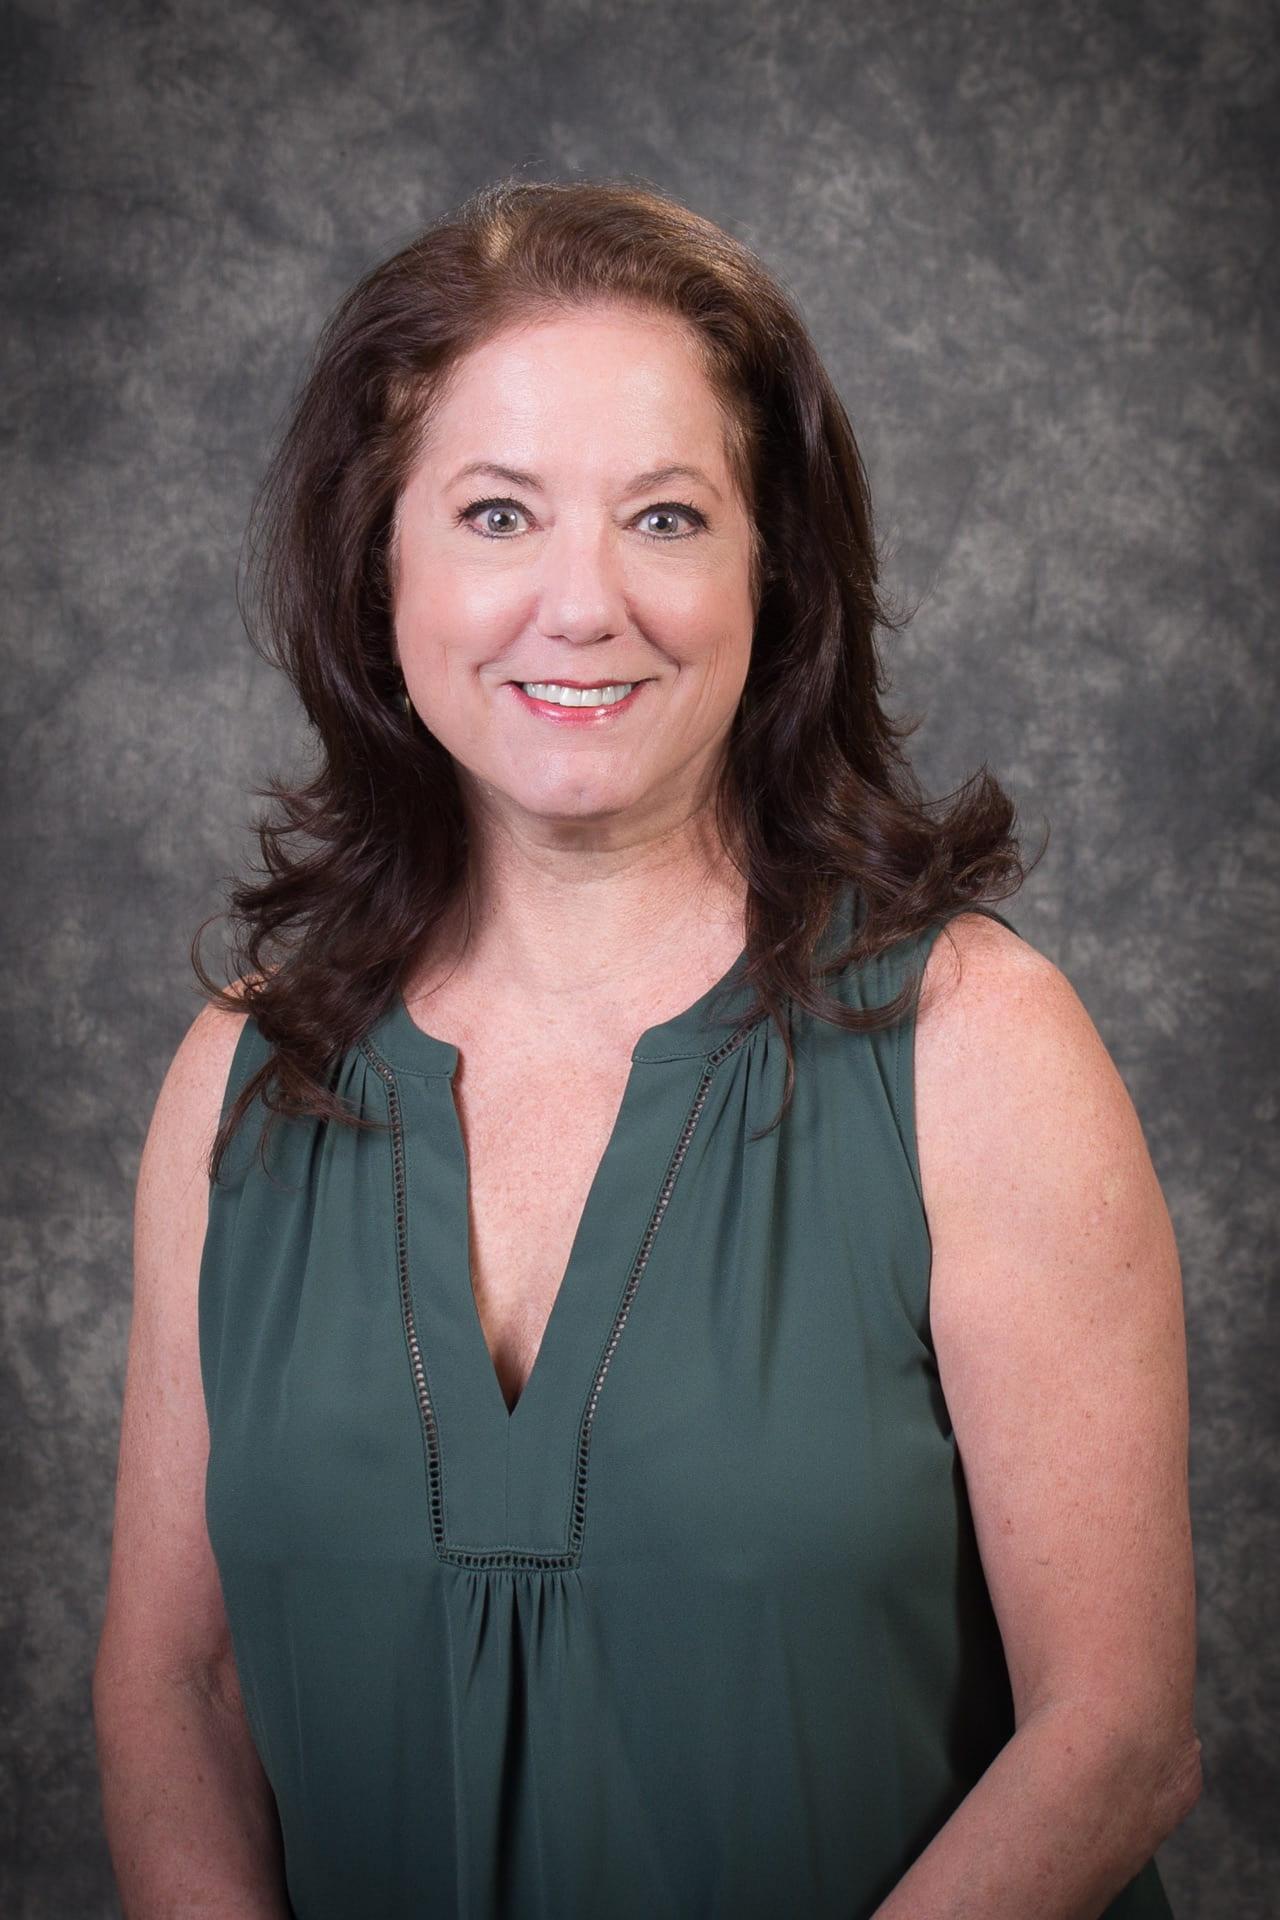 Carolyn Beavers